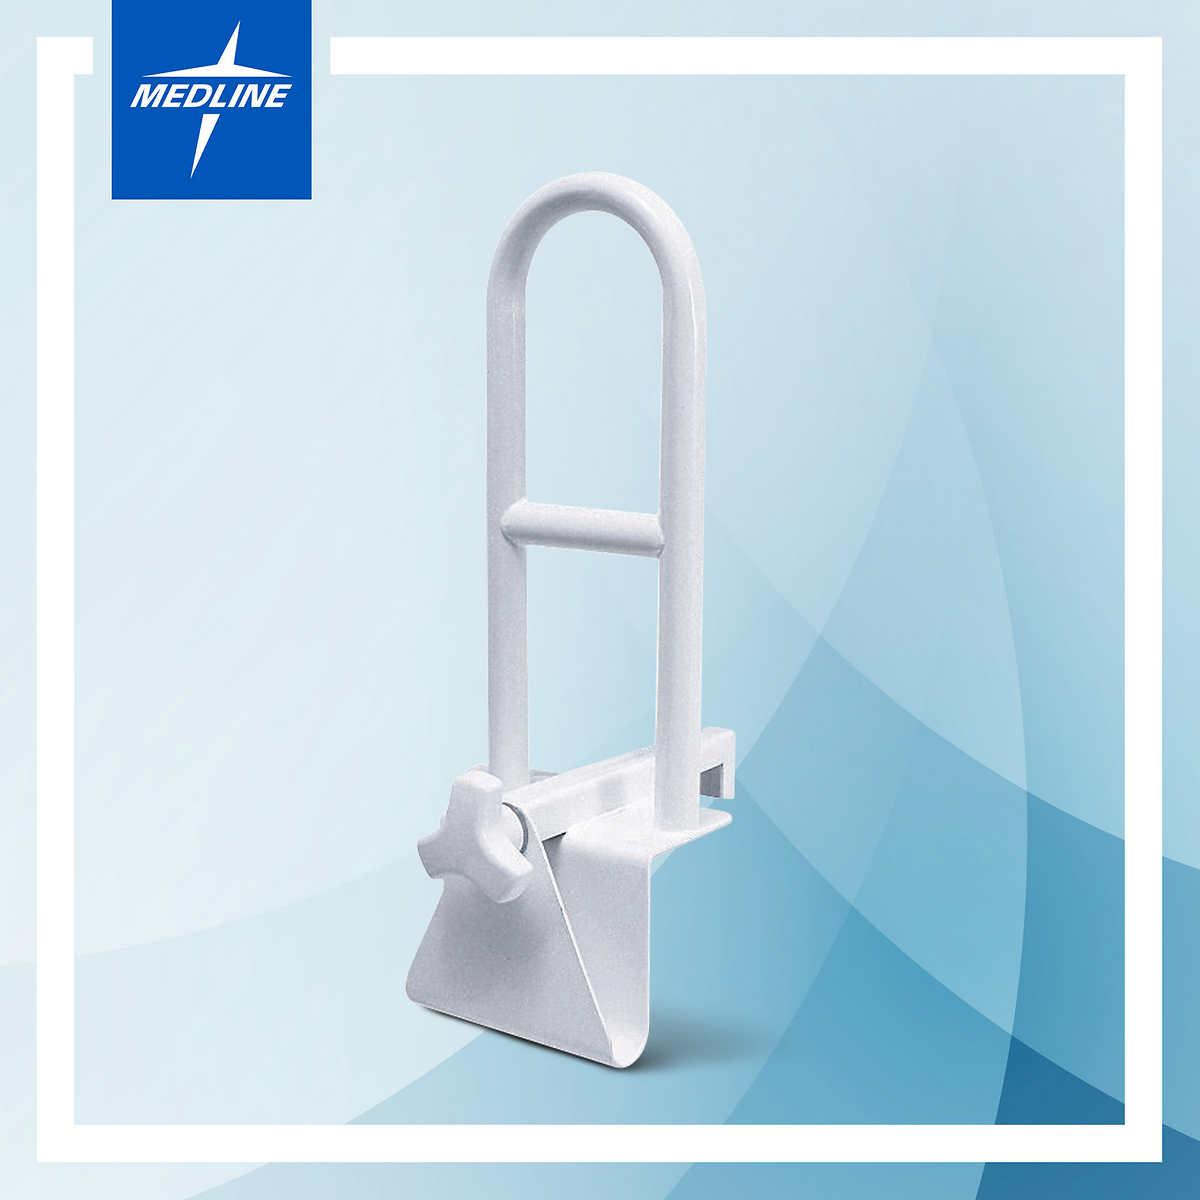 Medline Guardian Toilet Safety Rails